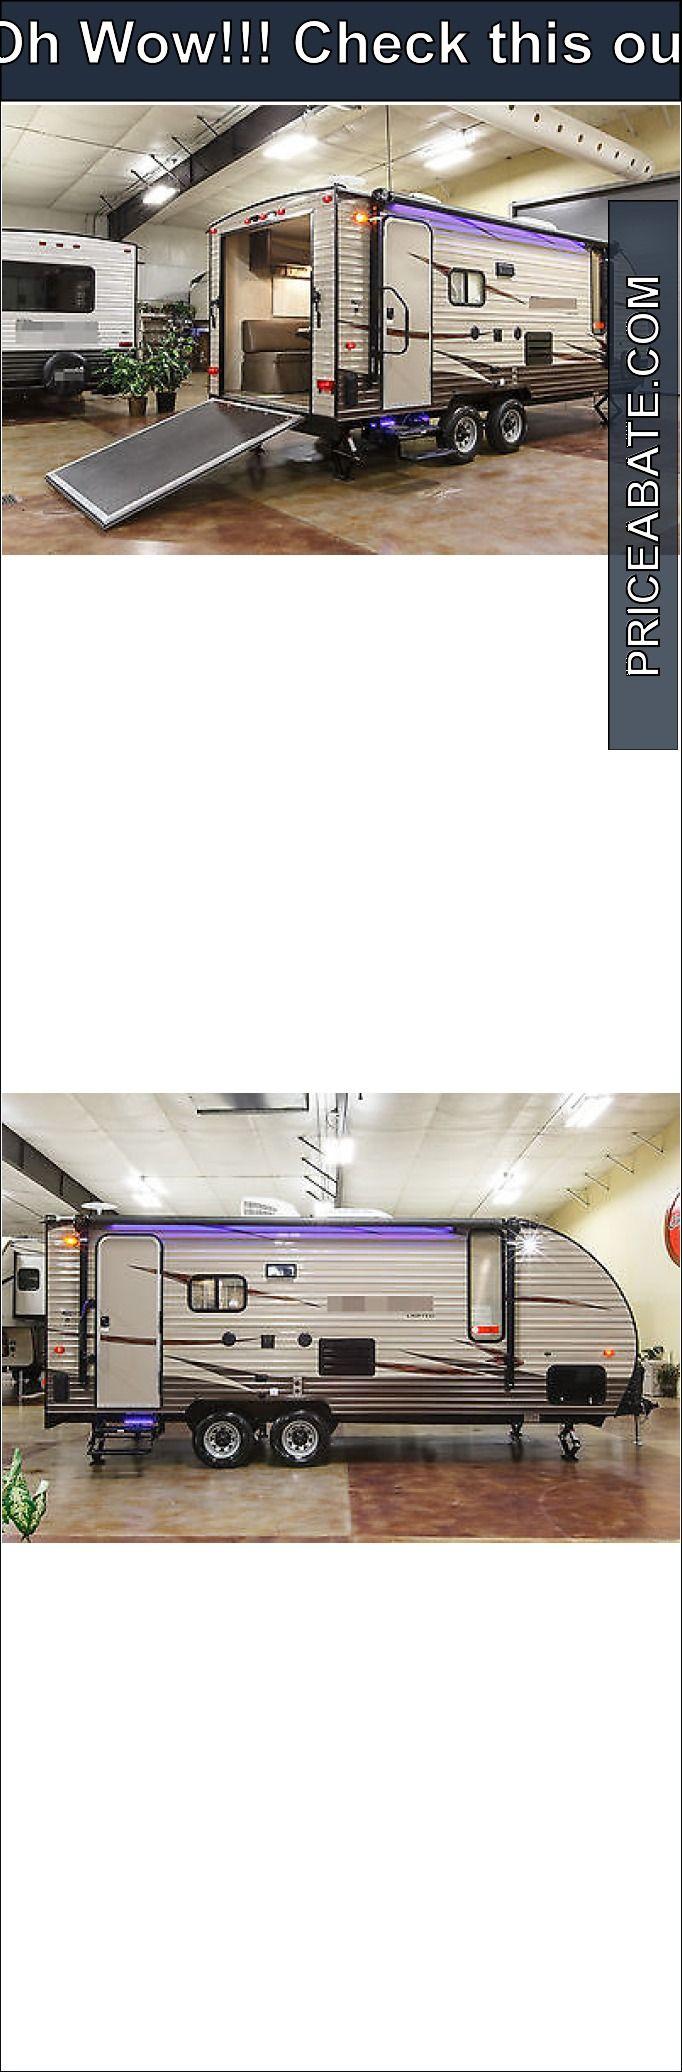 Aliner Expedition For Sale Craigslist - Rvs new 2016 19rr limited lite lightweight toy hauler travel trailer camper for sale